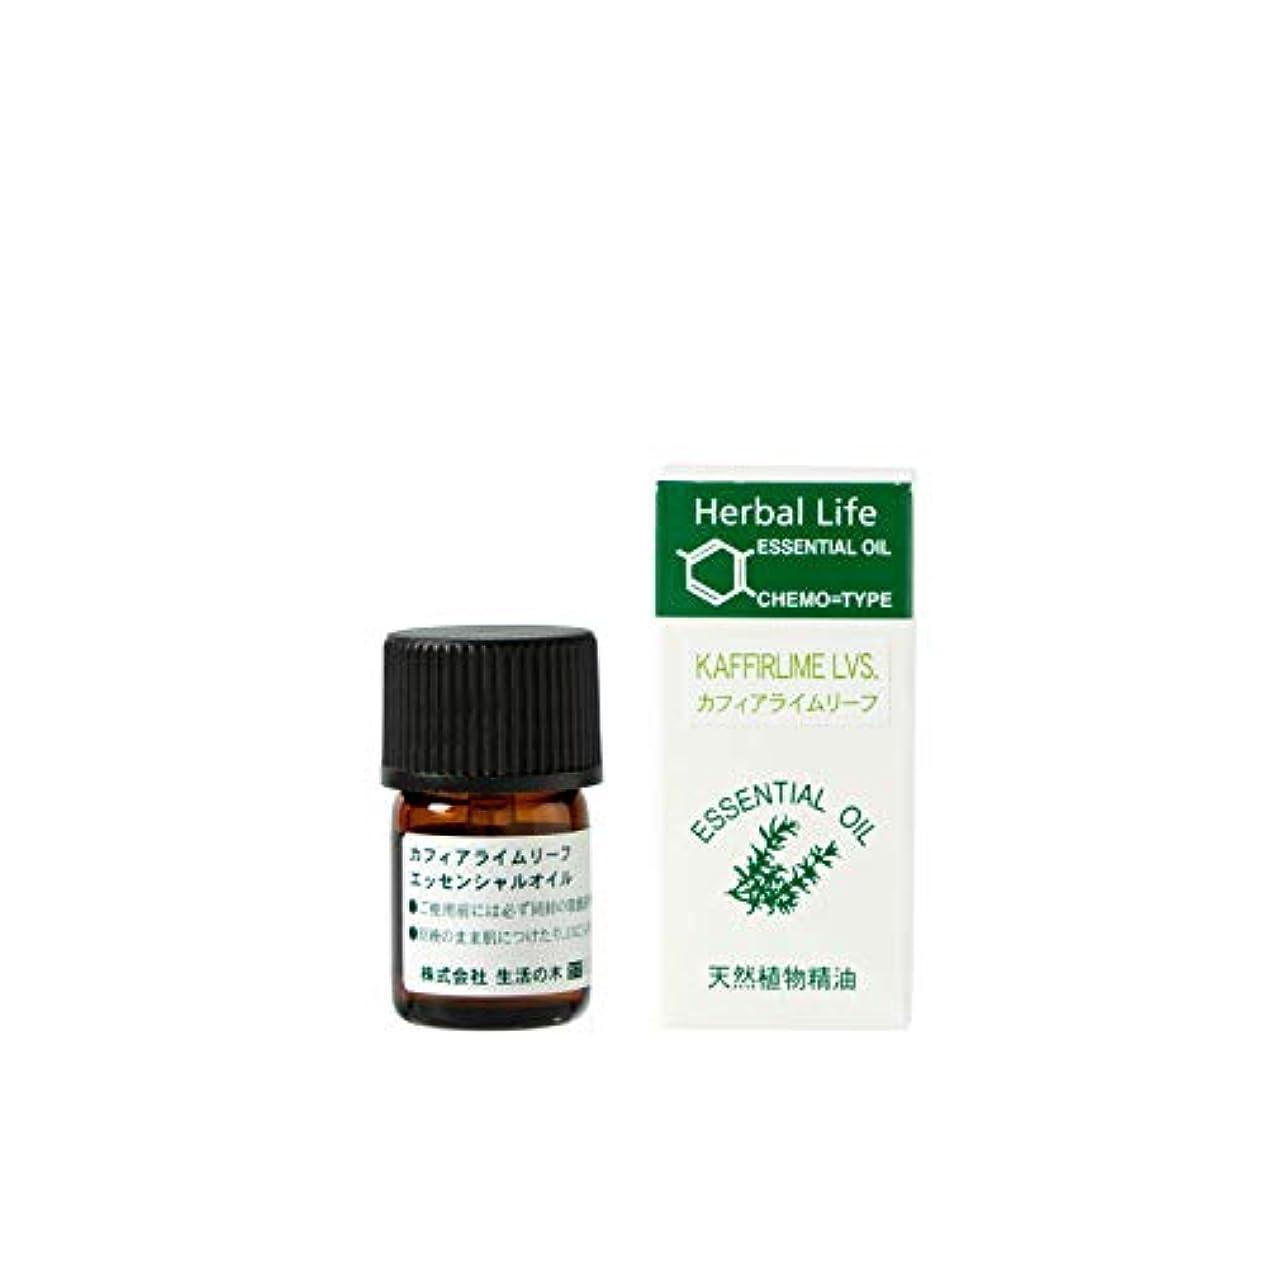 グロー味わうに対応する生活の木 エッセンシャルオイル カフィアライムリーフ(3ml)